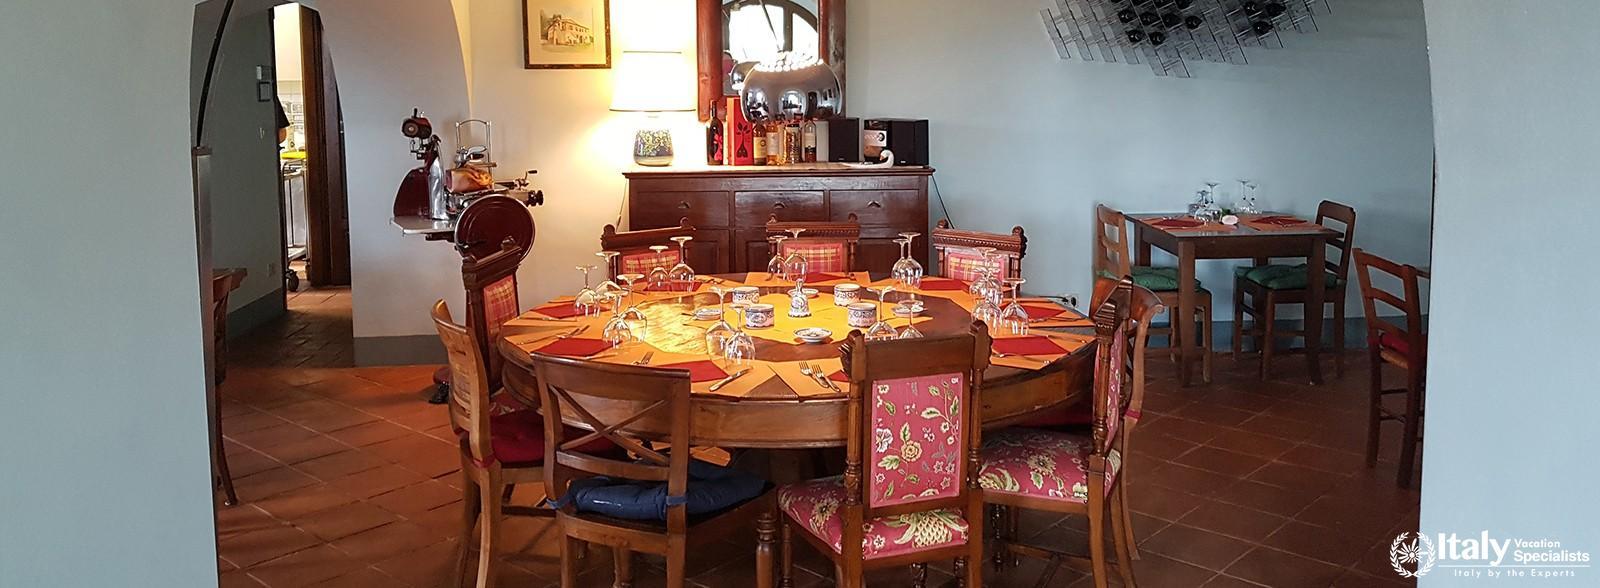 Dinning table in Farm Le Pietre Vive di Montaperti